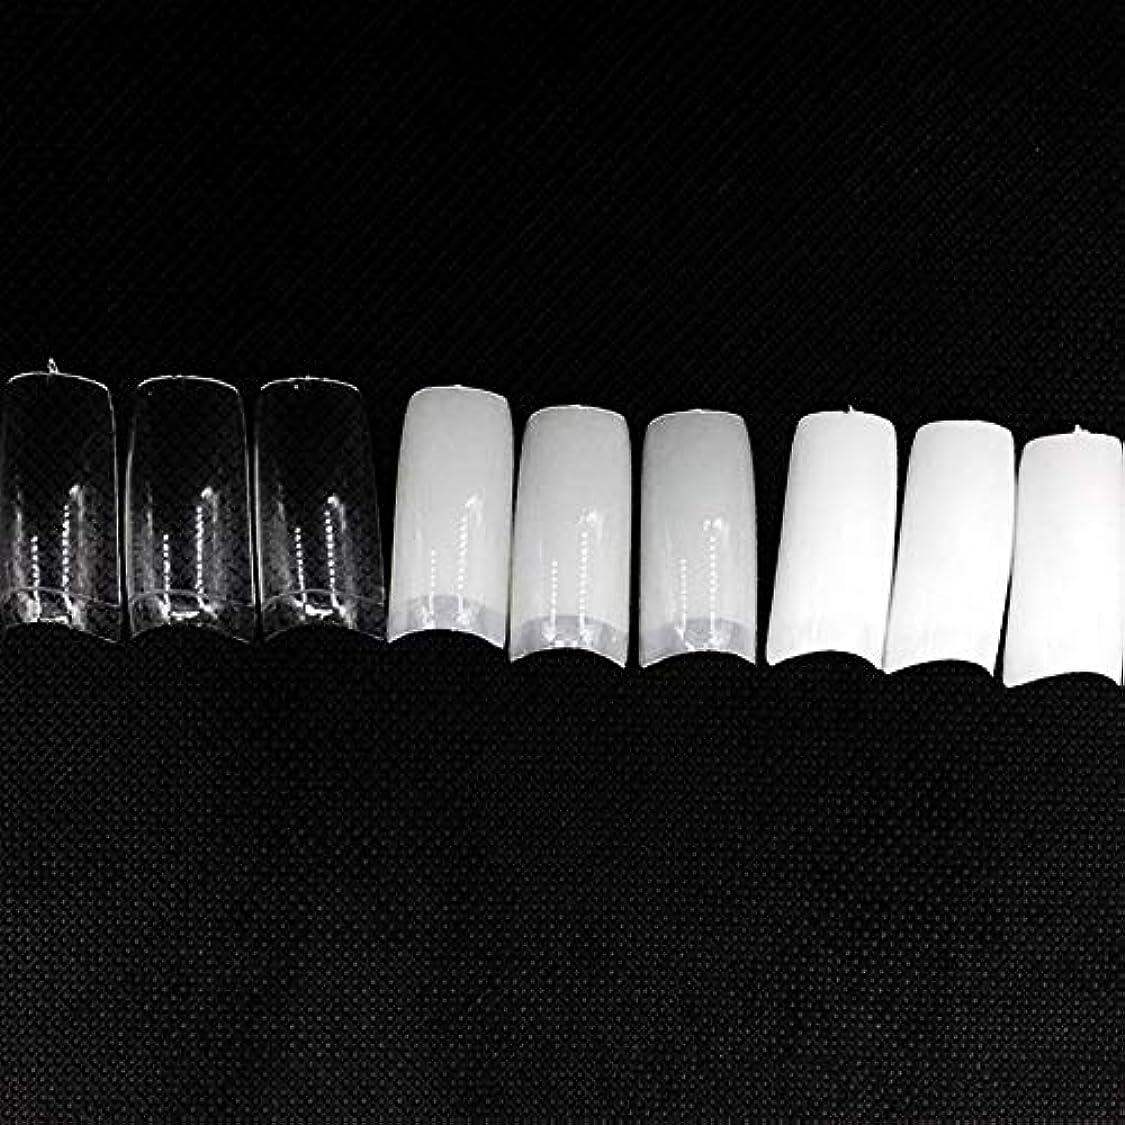 素子結婚する恐怖ネイルチップ つけ爪 偽爪 無地 ロング オーバル 10サイズ デコレーション フルチップ シンプル DIY デザイン 500個/セット Moomai